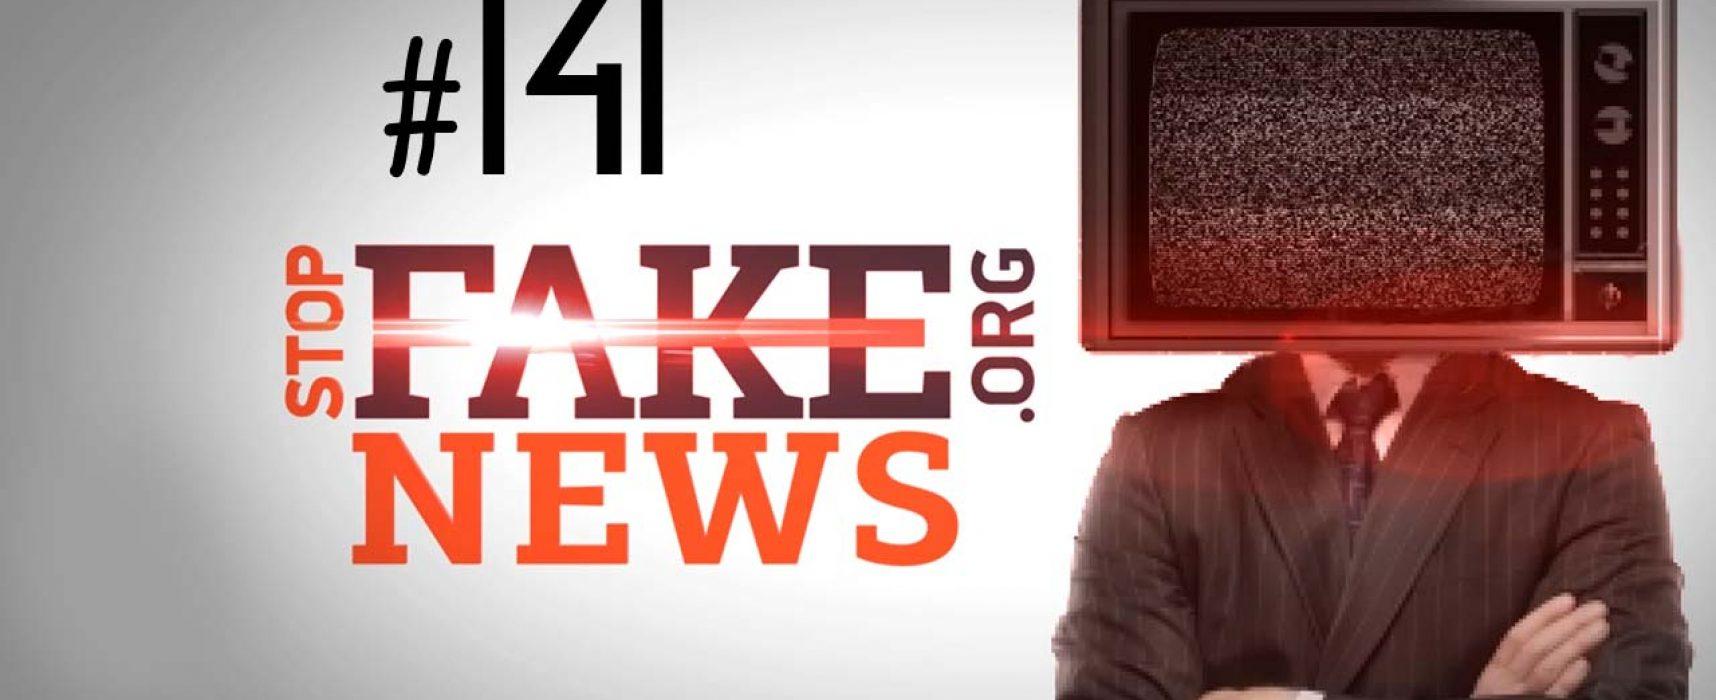 StopFakeNews #141. Признает ли новая администрация США Крым российским?